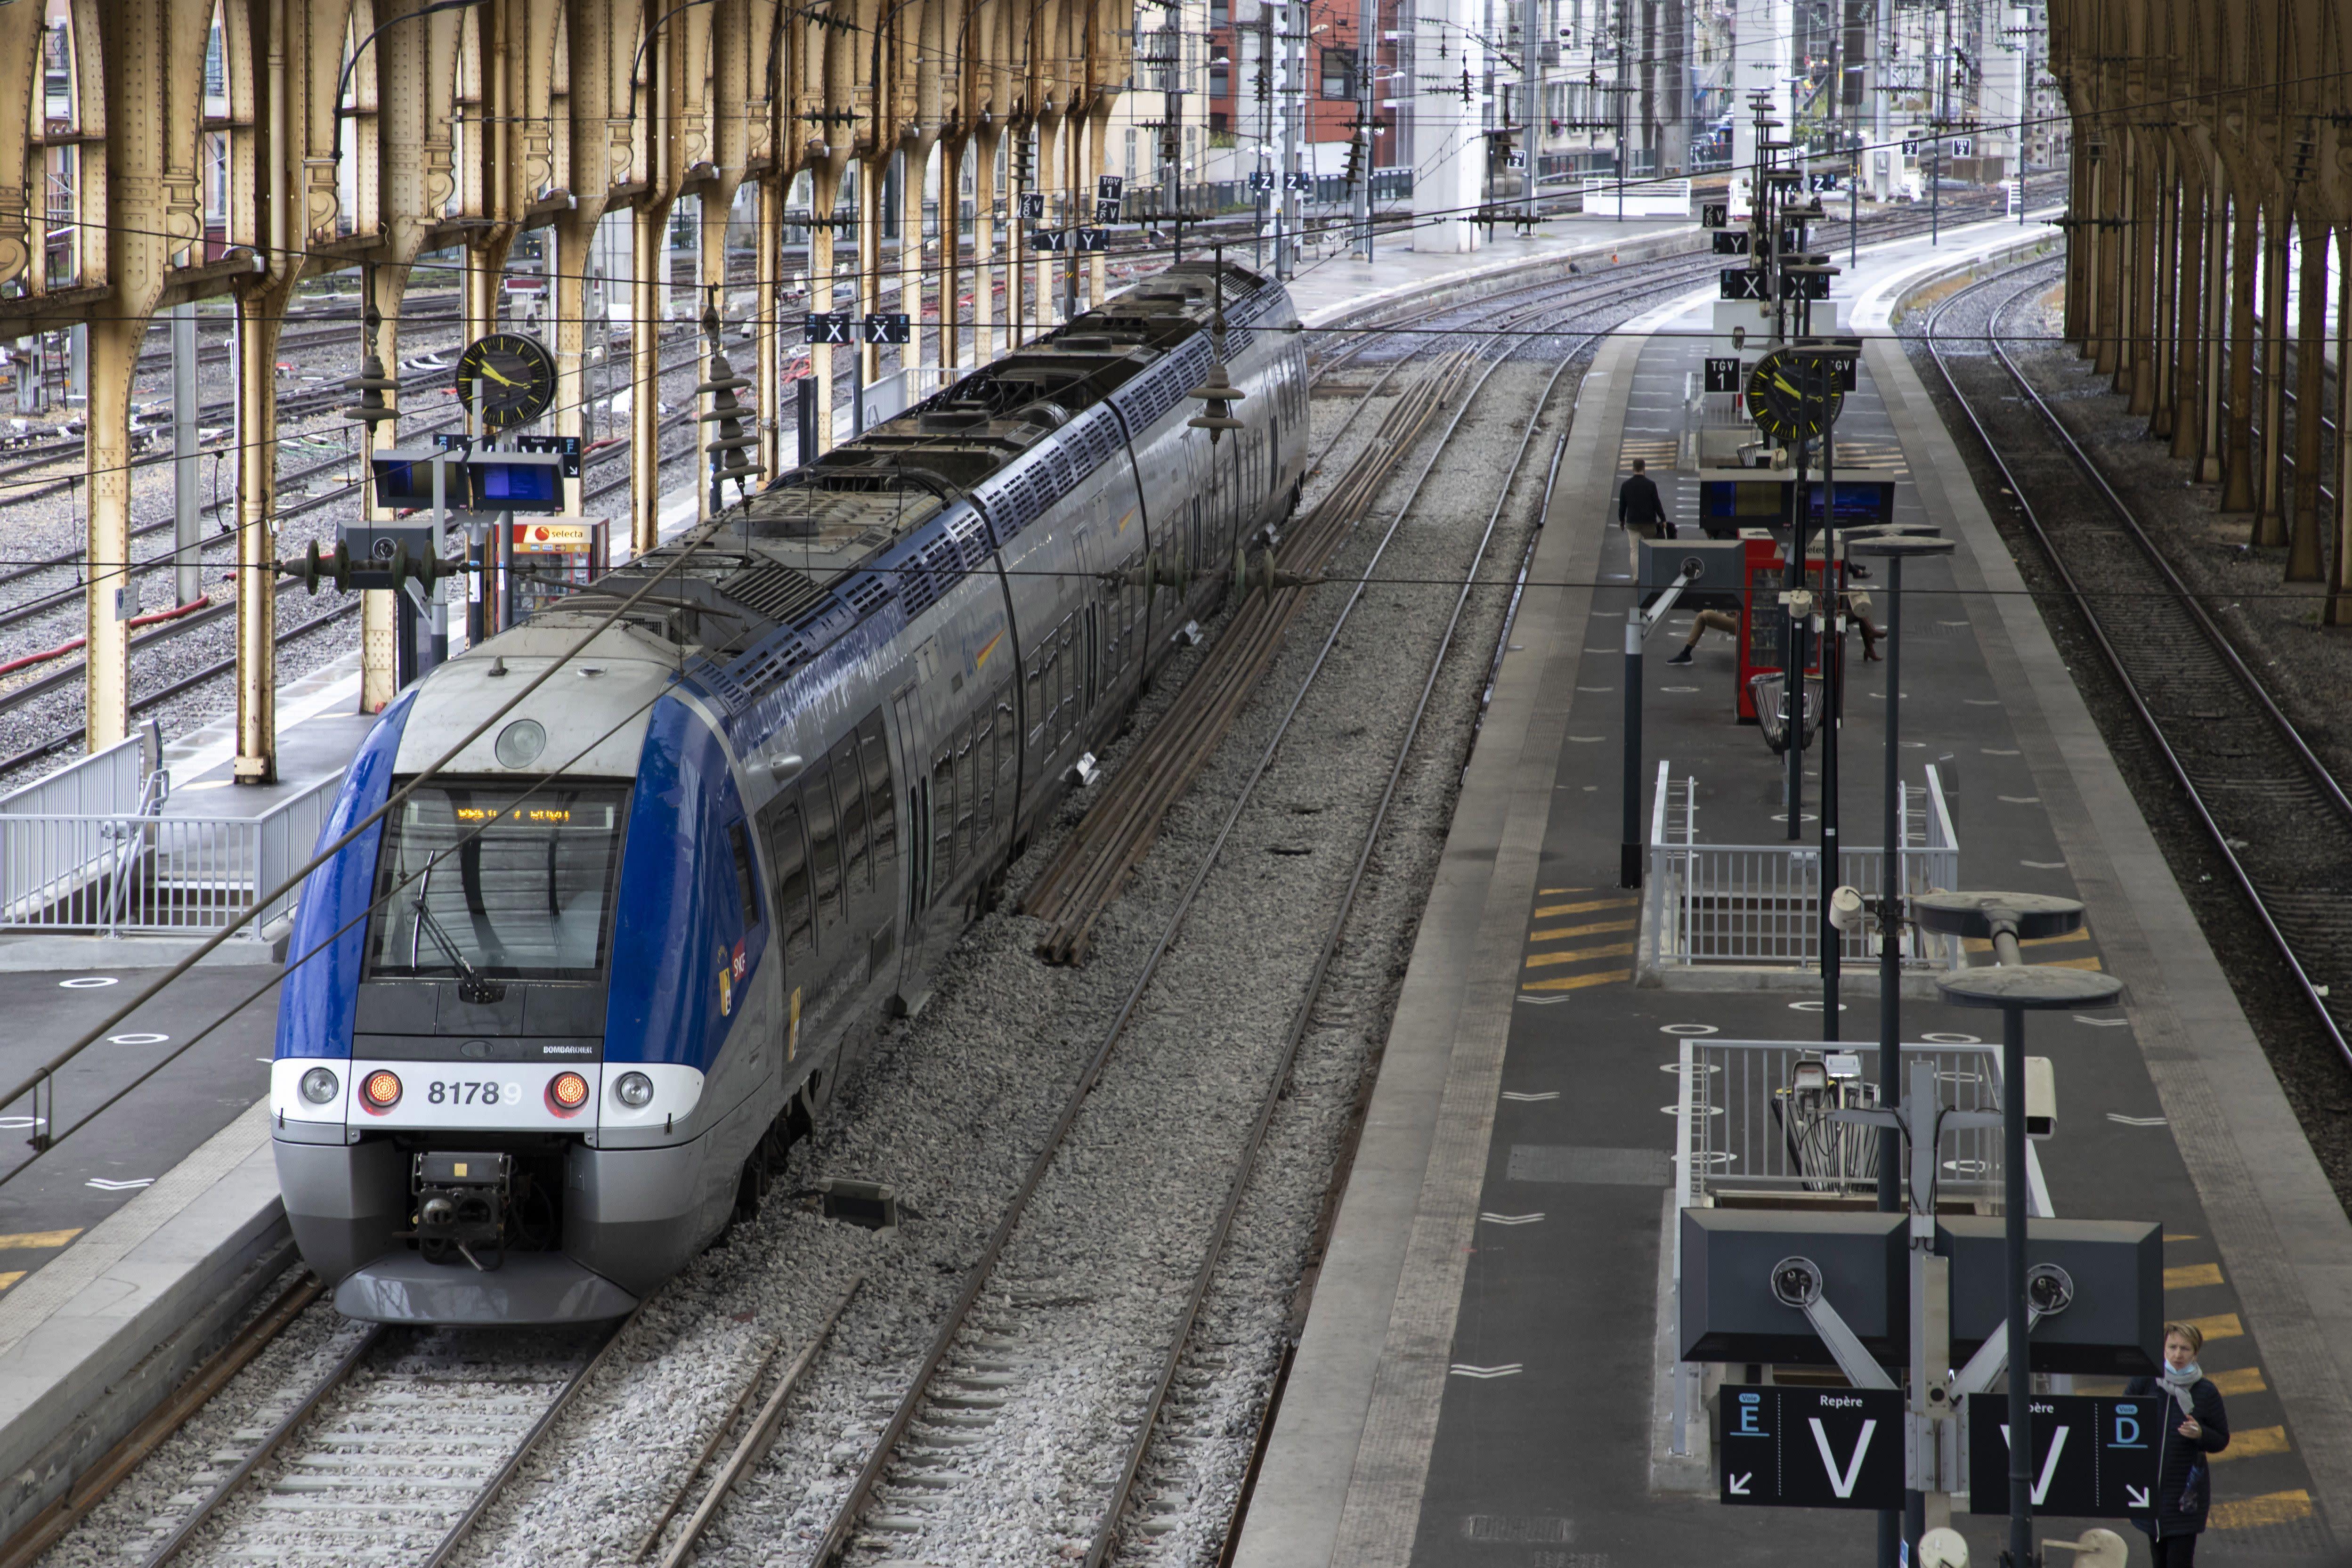 Gares SNCF: l'entreprise est dans «une impasse financière», épingle la Cour des comptes